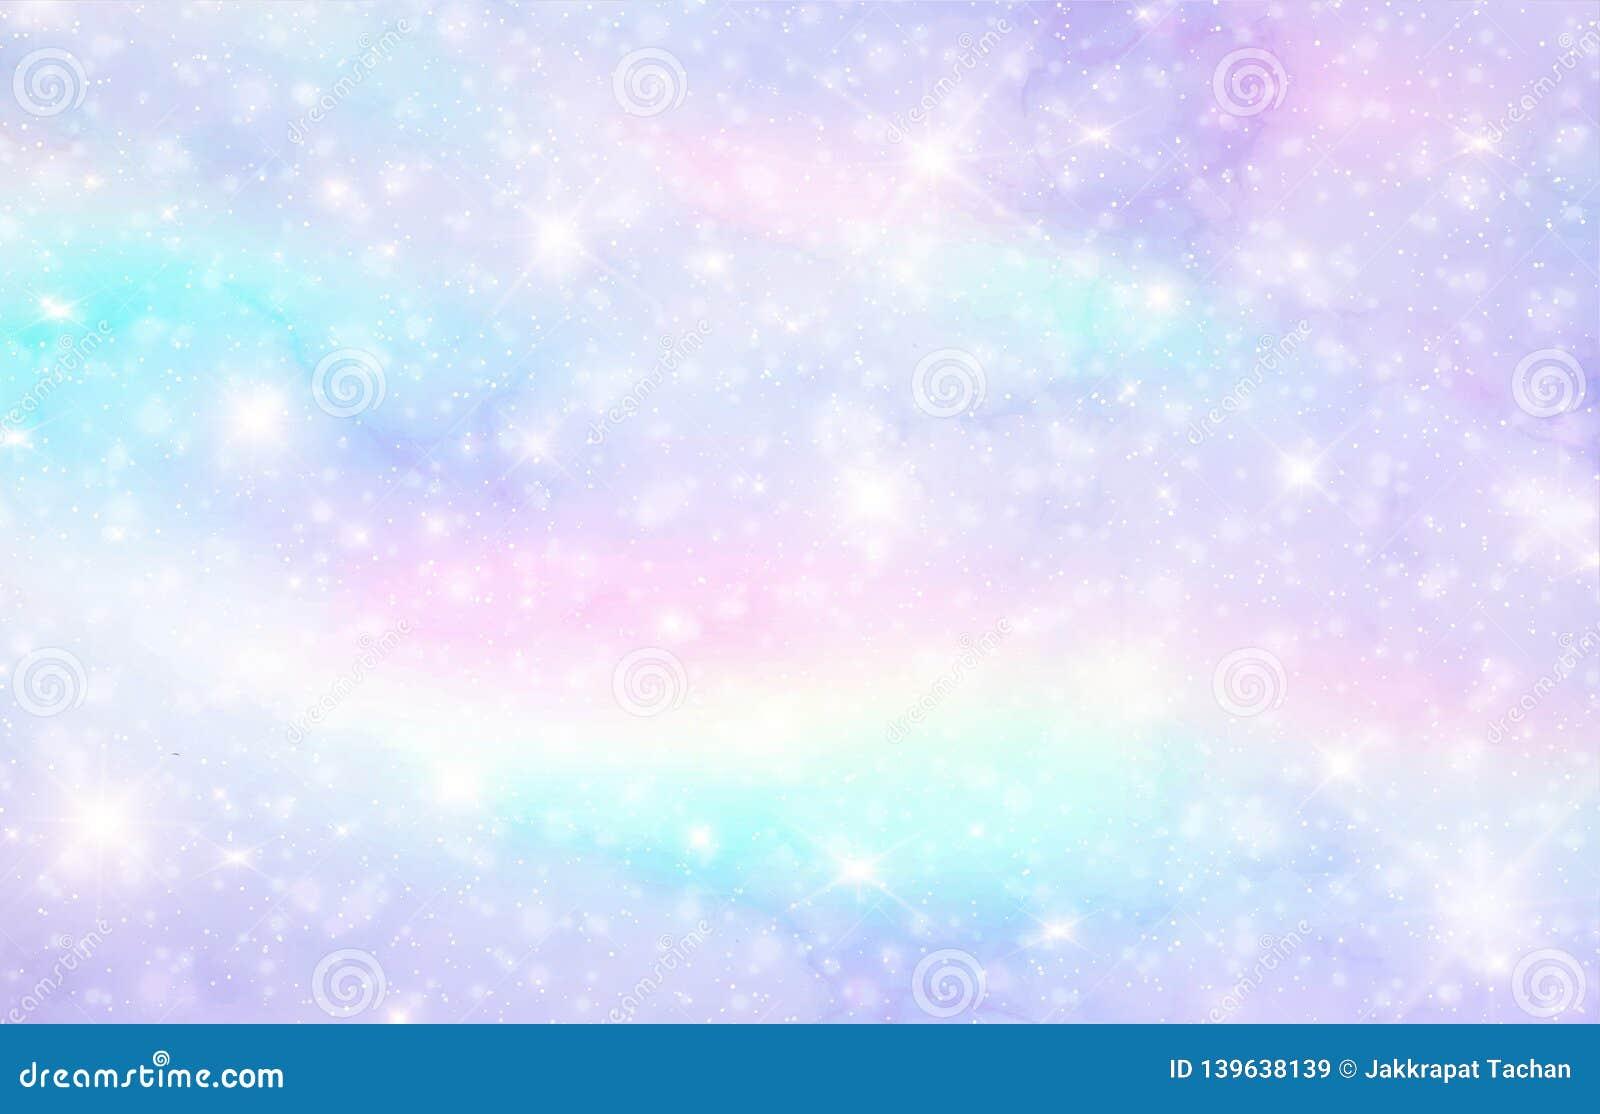 Vector a ilustração do fundo e da cor pastel da fantasia da galáxia O unicórnio no céu pastel com arco-íris Nuvens pasteis e wi d